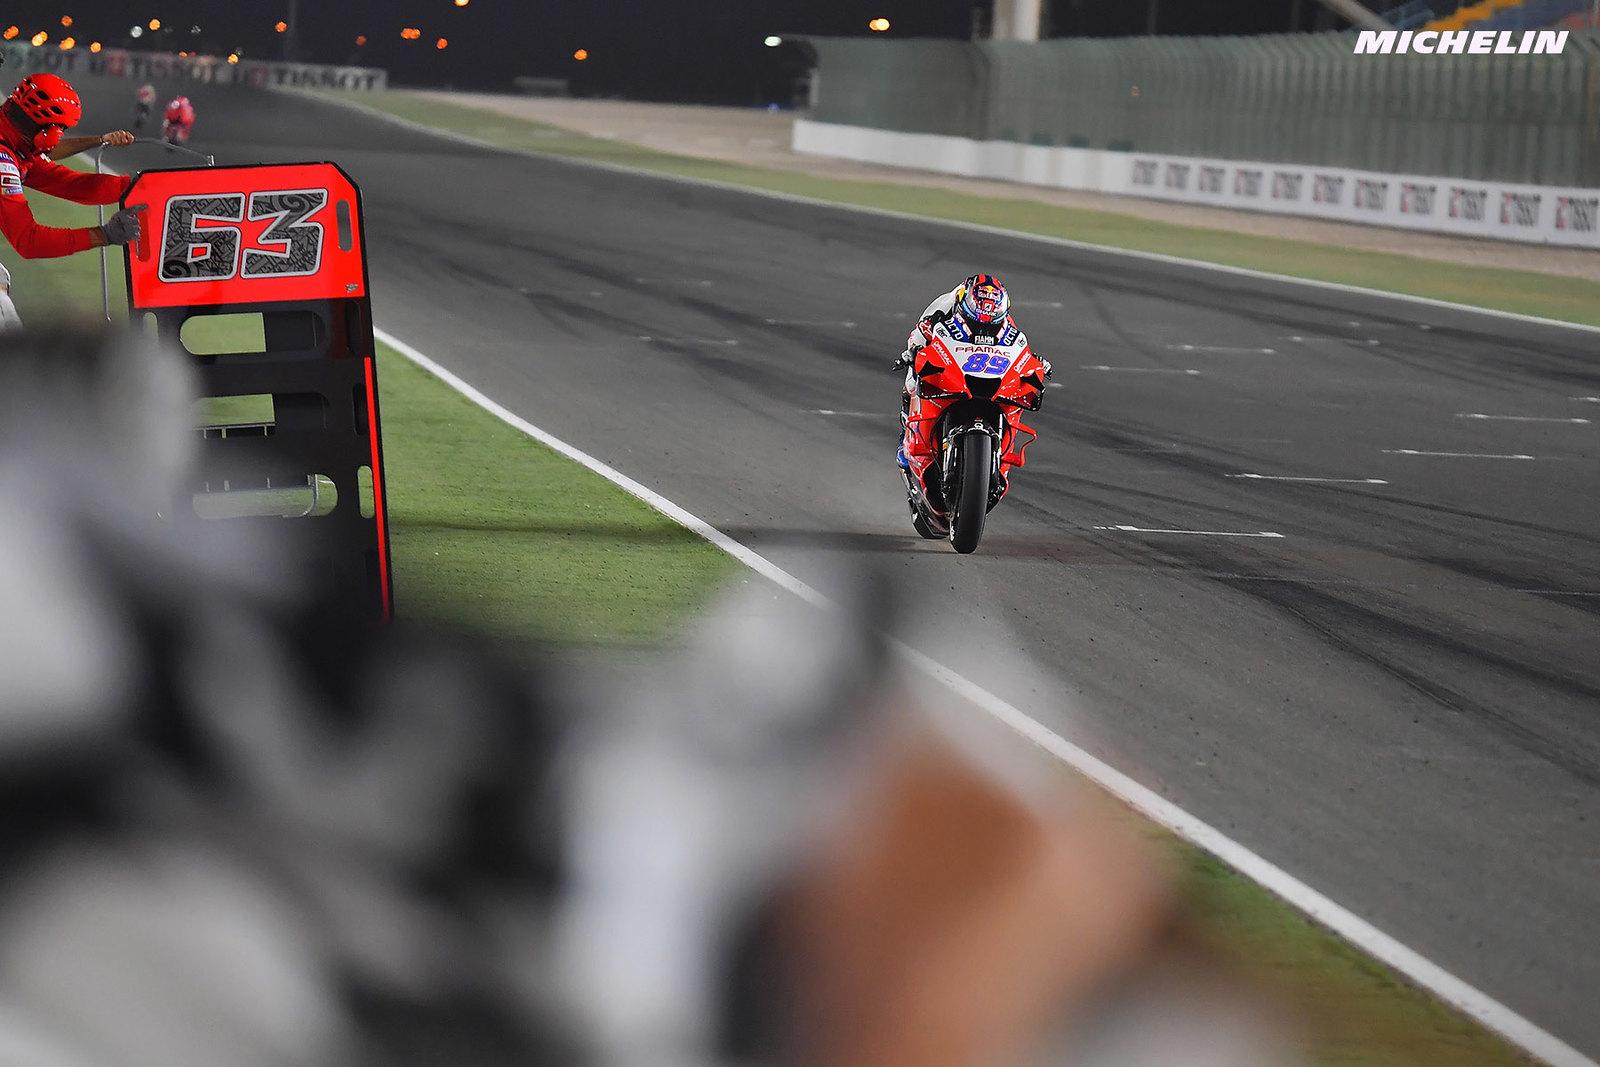 ドーハGP 予選ポールポジション  ホルヘ・マルティン「何日MotoGPバイクに乗っているかは関係ない」